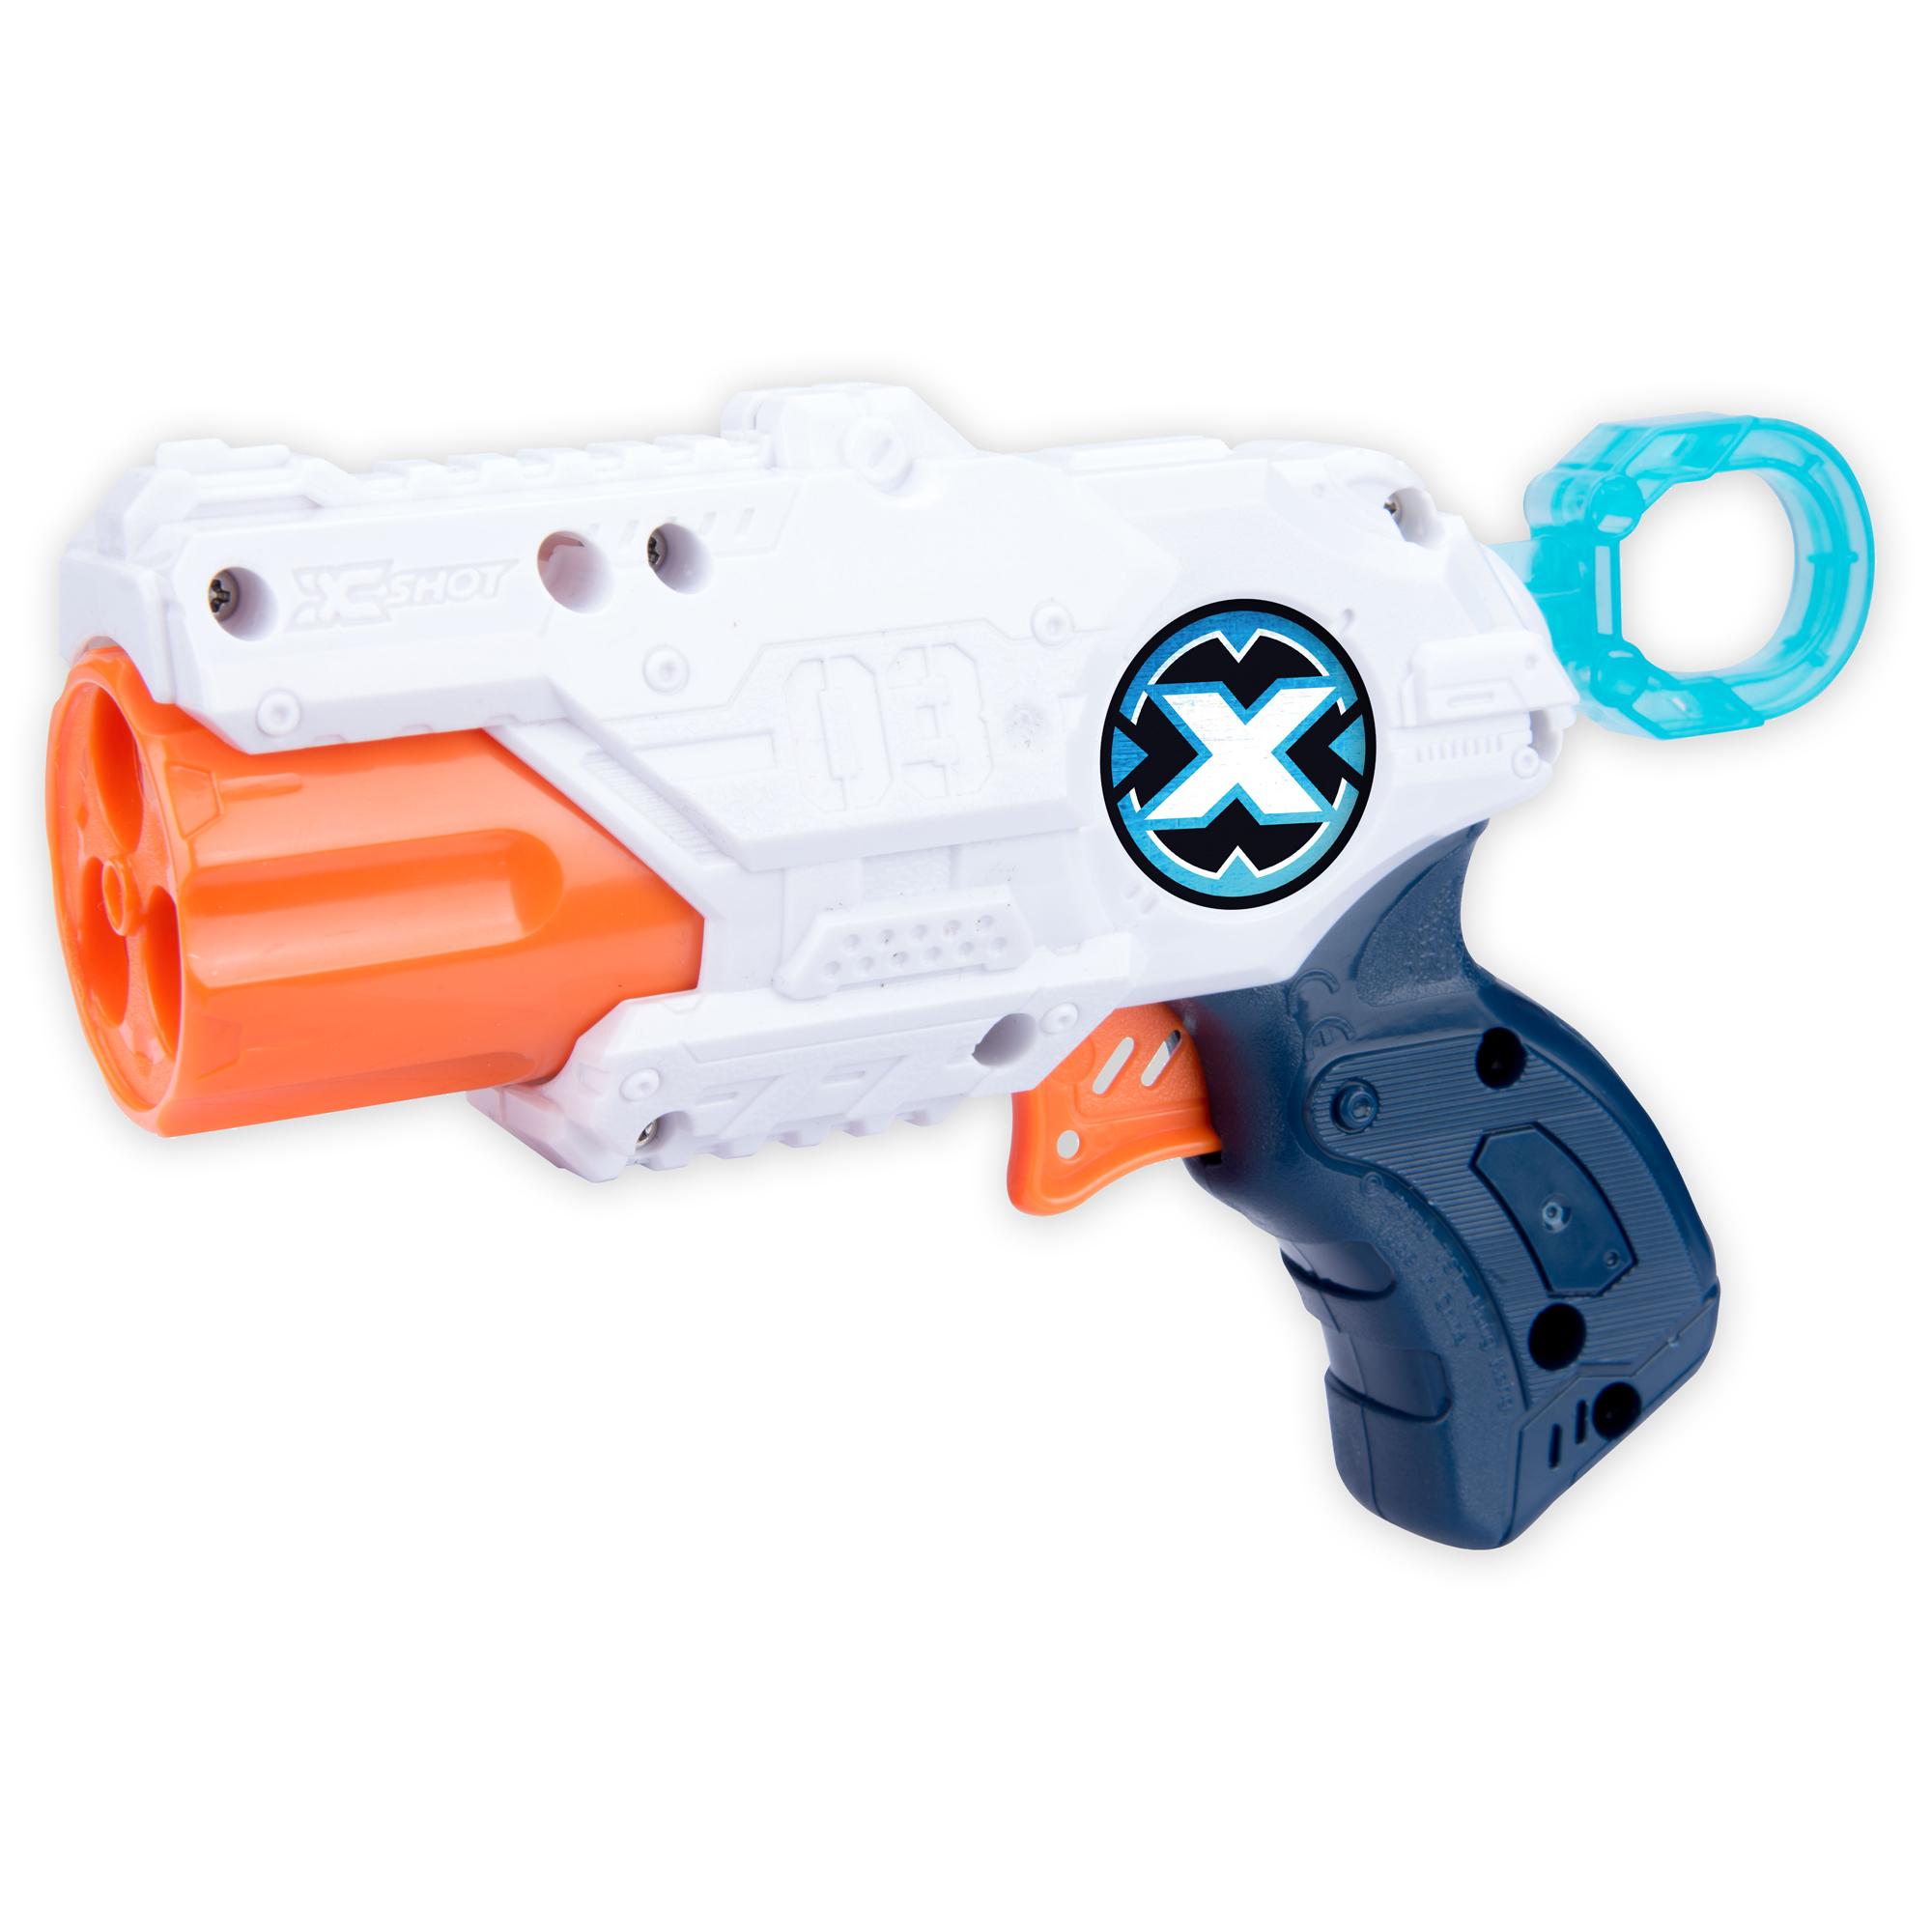 ZURU X-Shot MK3 Dart Blaster with 8 Darts